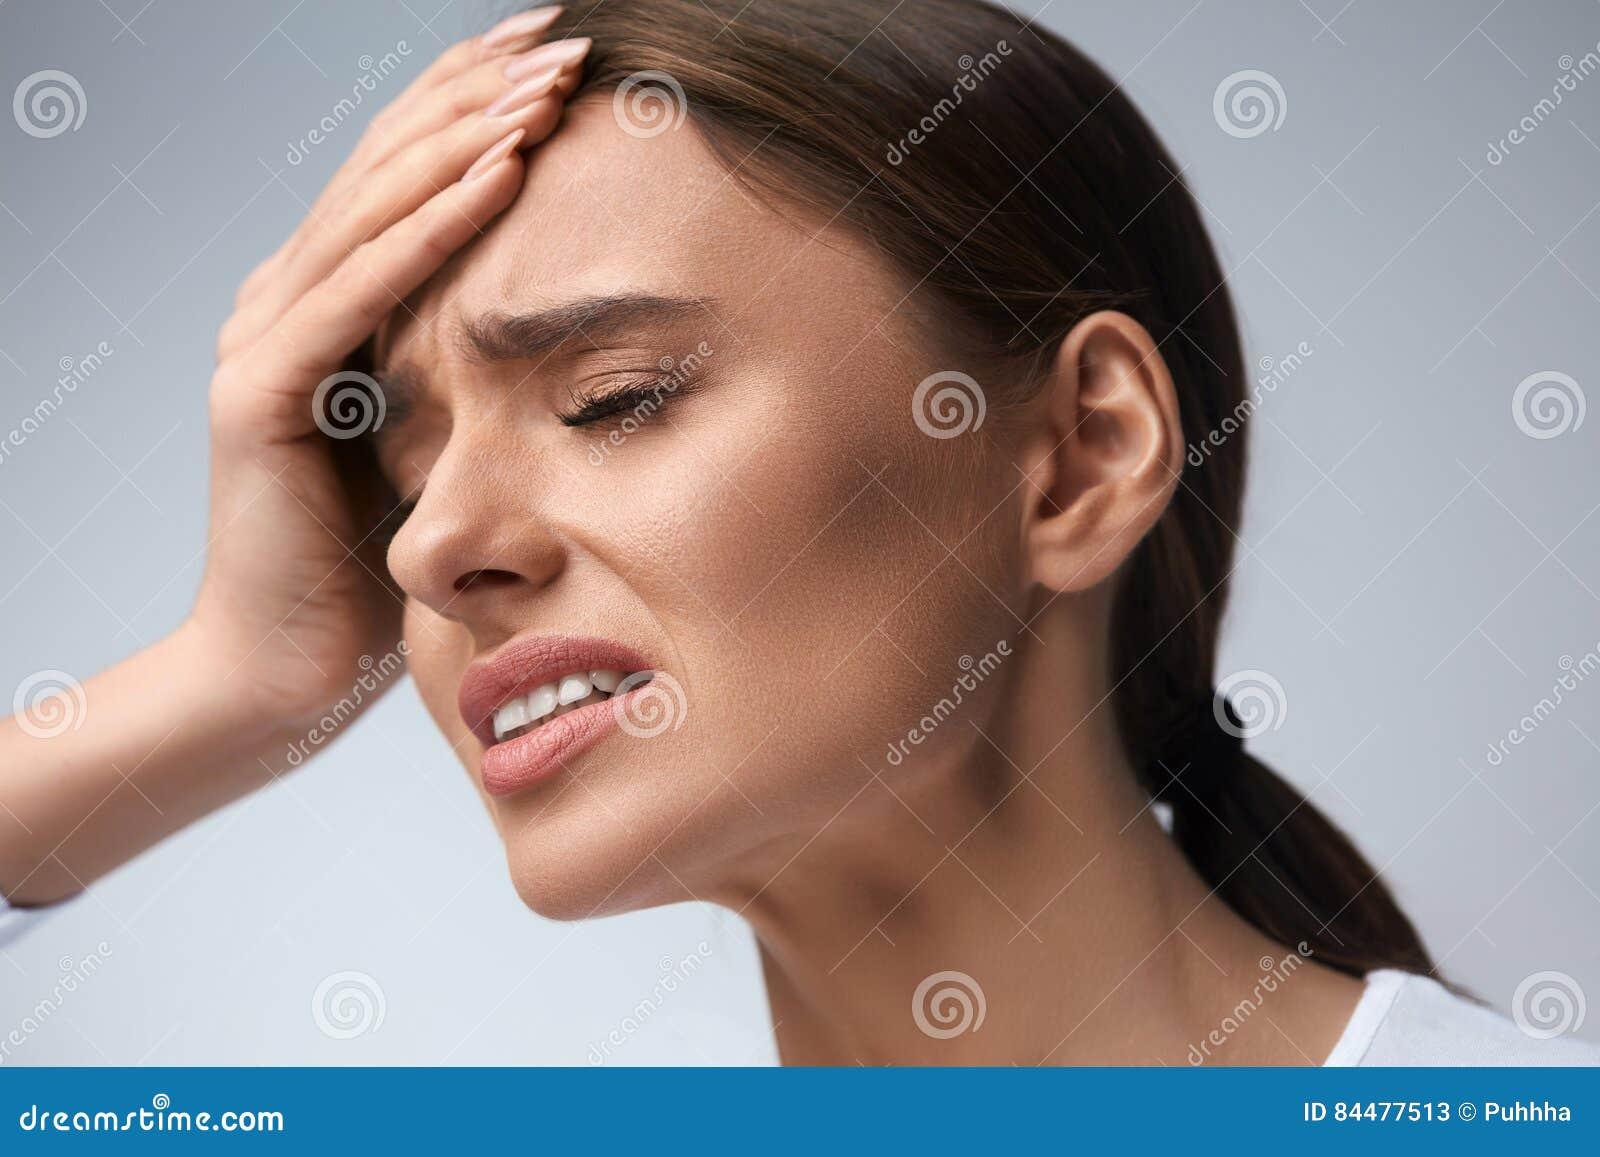 Fuerte dolor de cabeza y fiebre